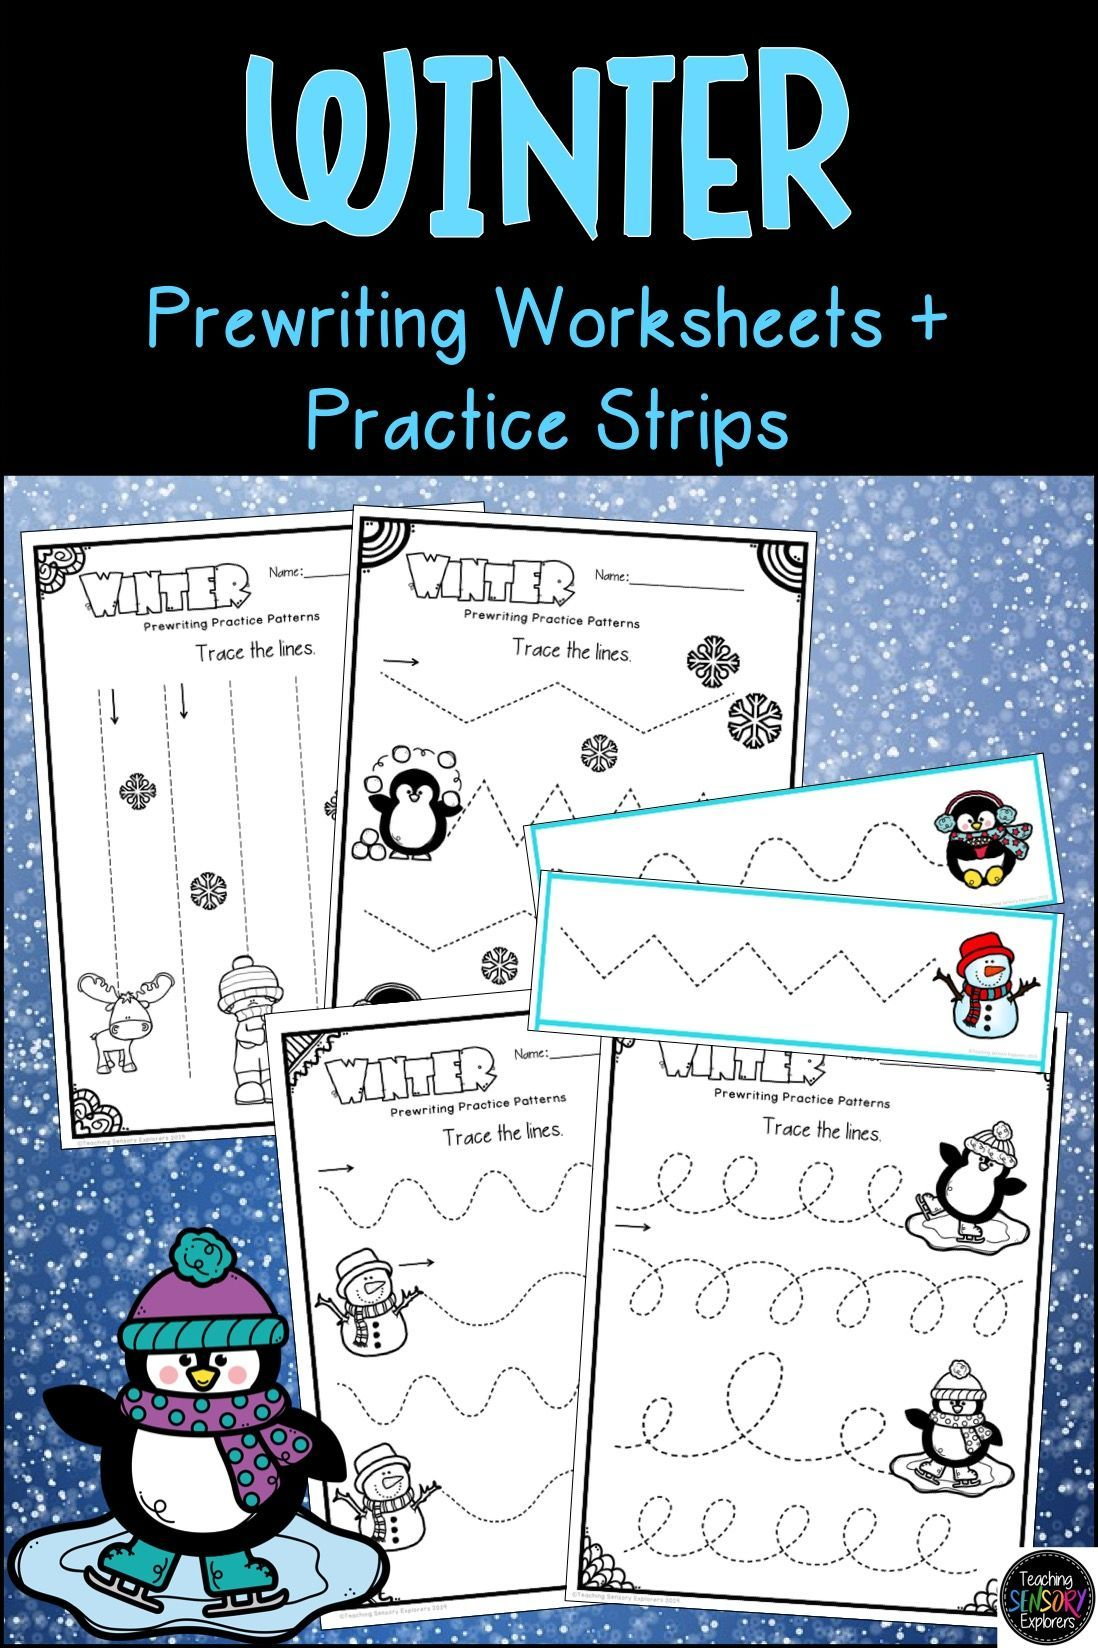 Prewriting Worksheets Practice Strips Winter